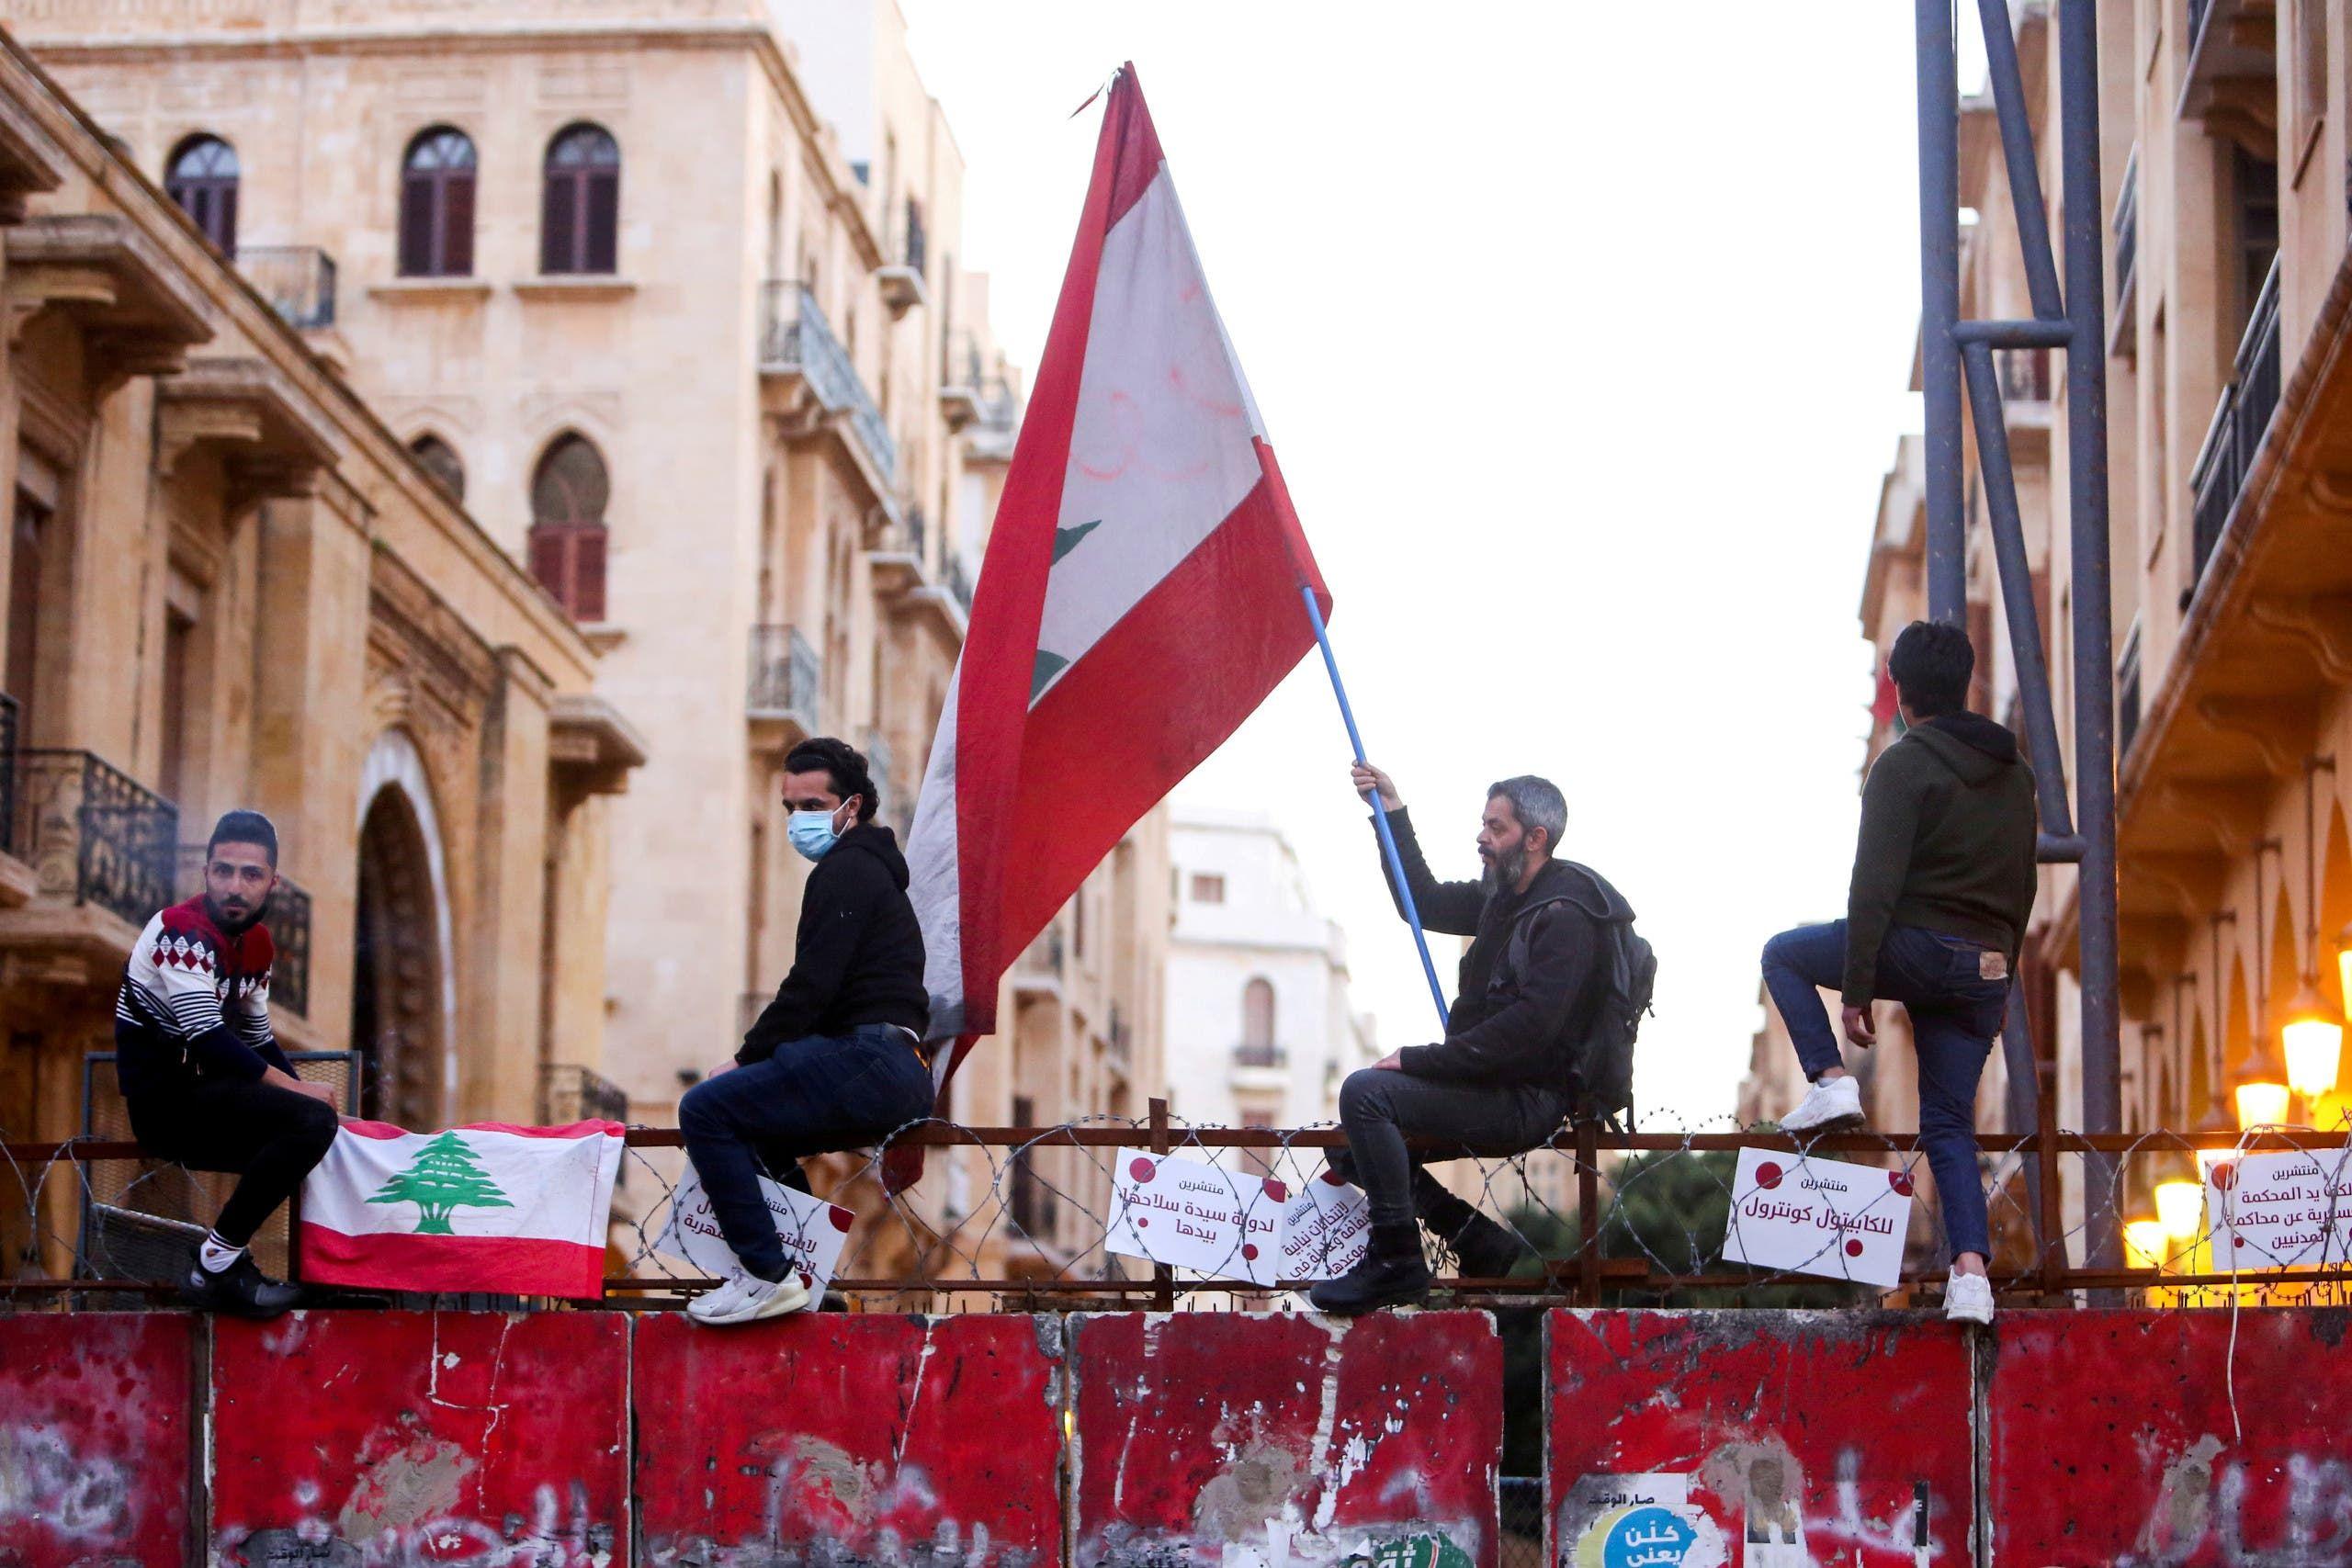 متظاهرون في لبنان ضد القيود المفروضة من قبل المصارف